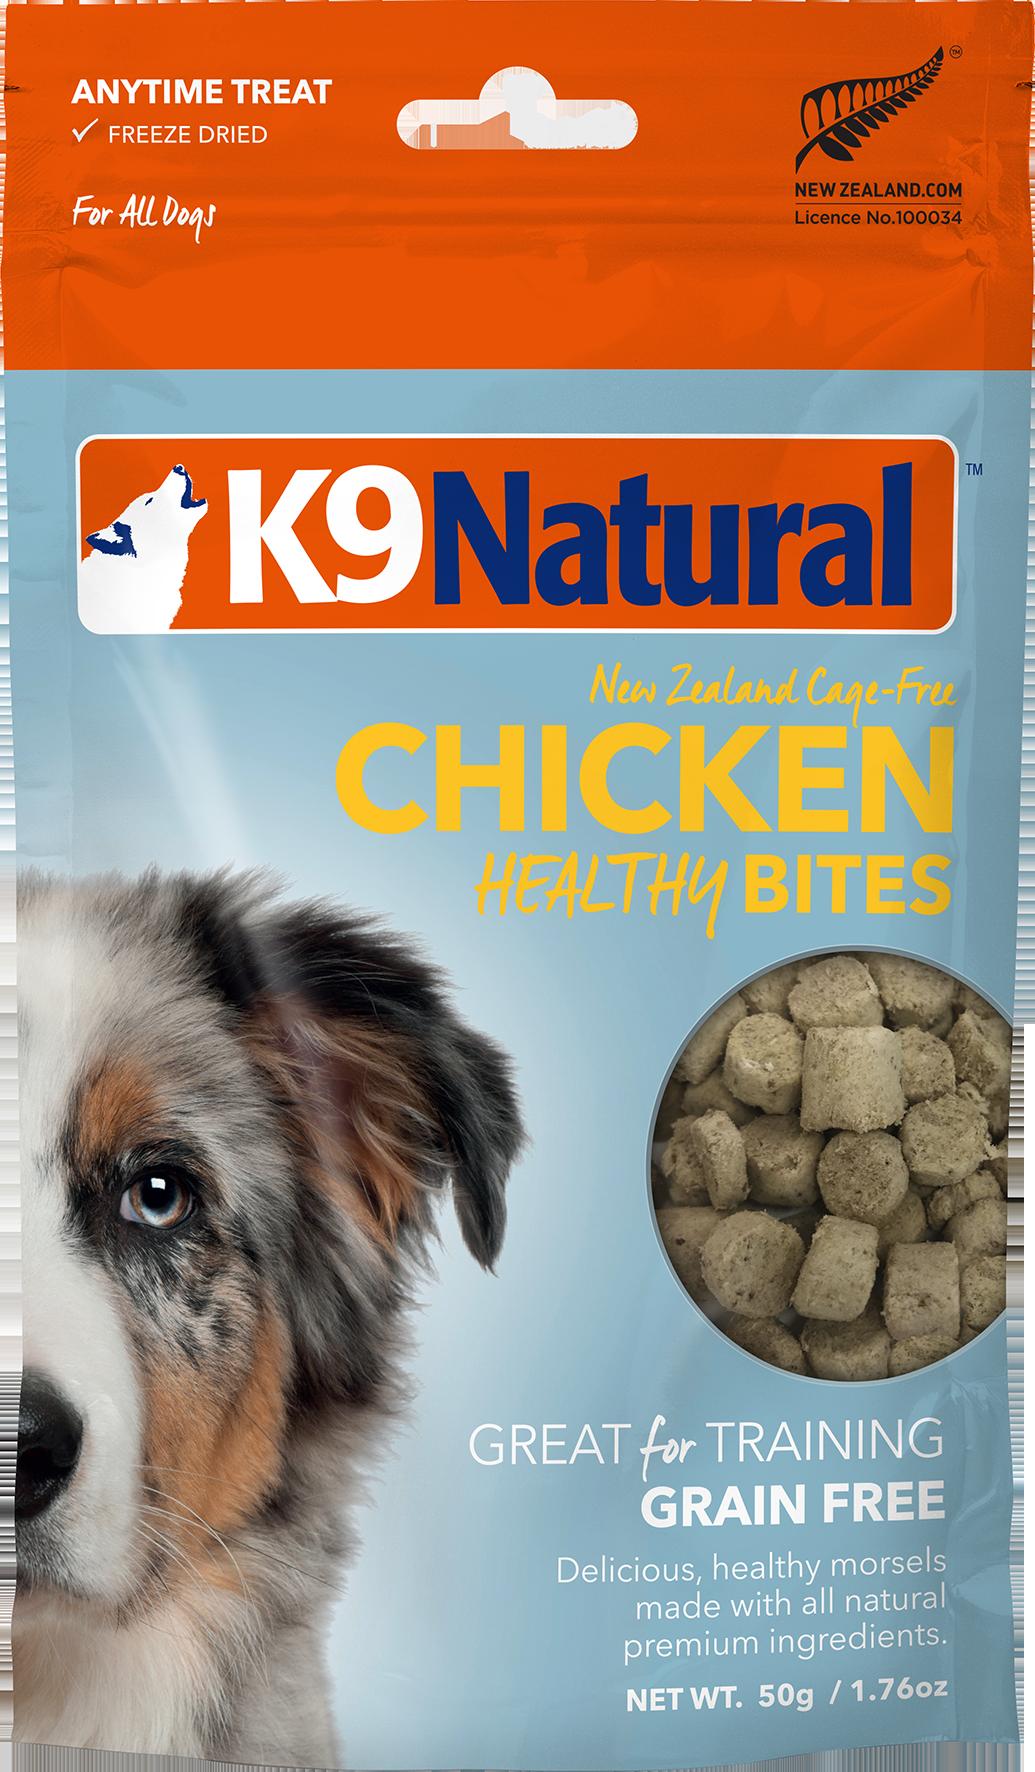 K9 Natural K9 Natural Freeze Dried Bites Chicken Dog 1.76oz